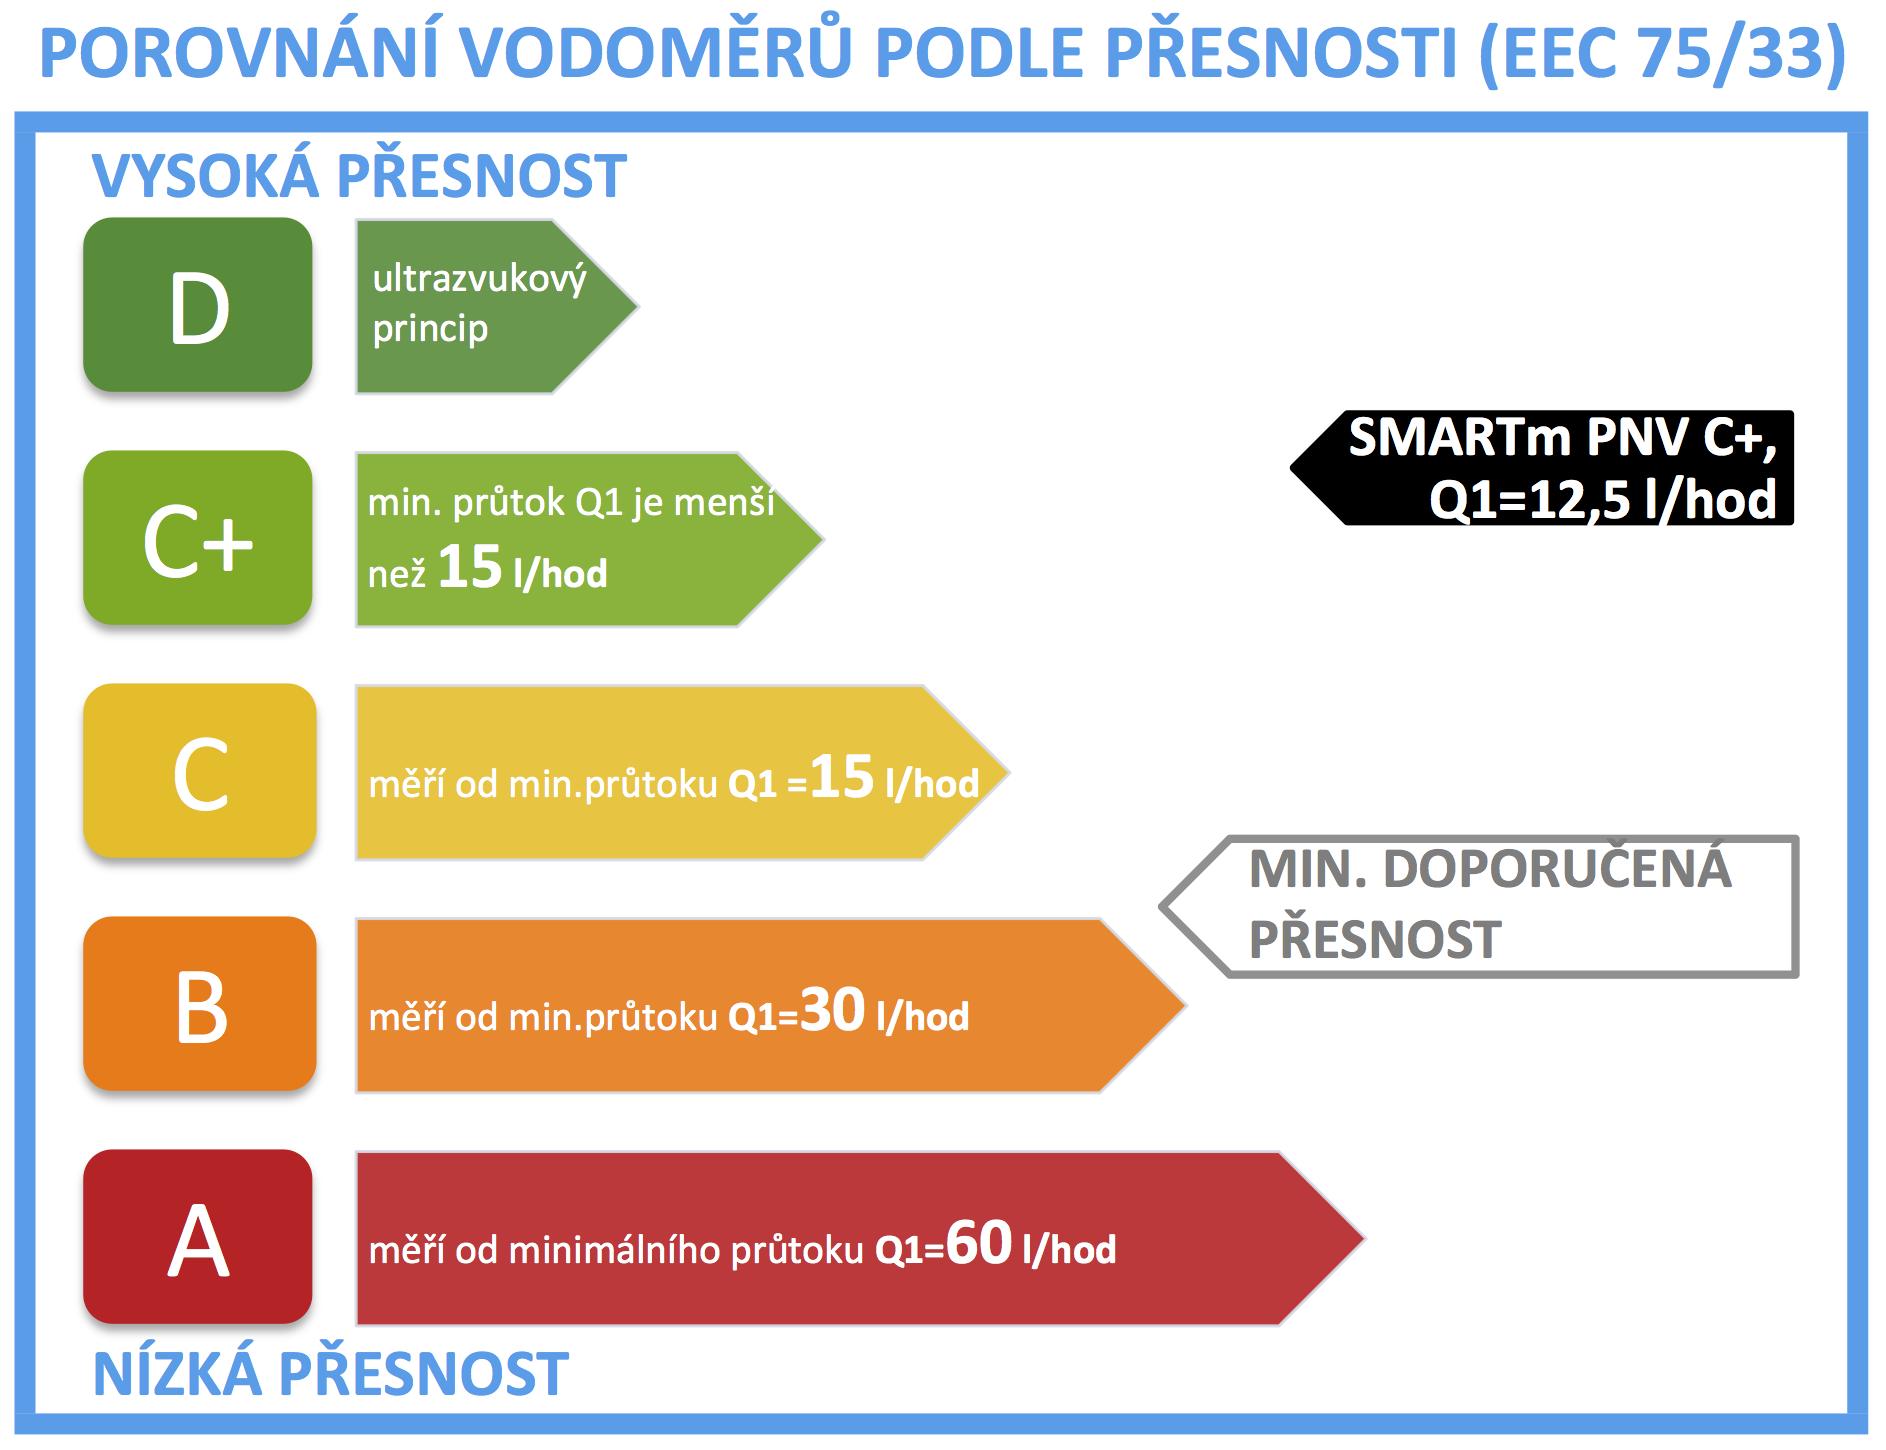 štítek přesnosti vodoměru SMARTm PNV C+